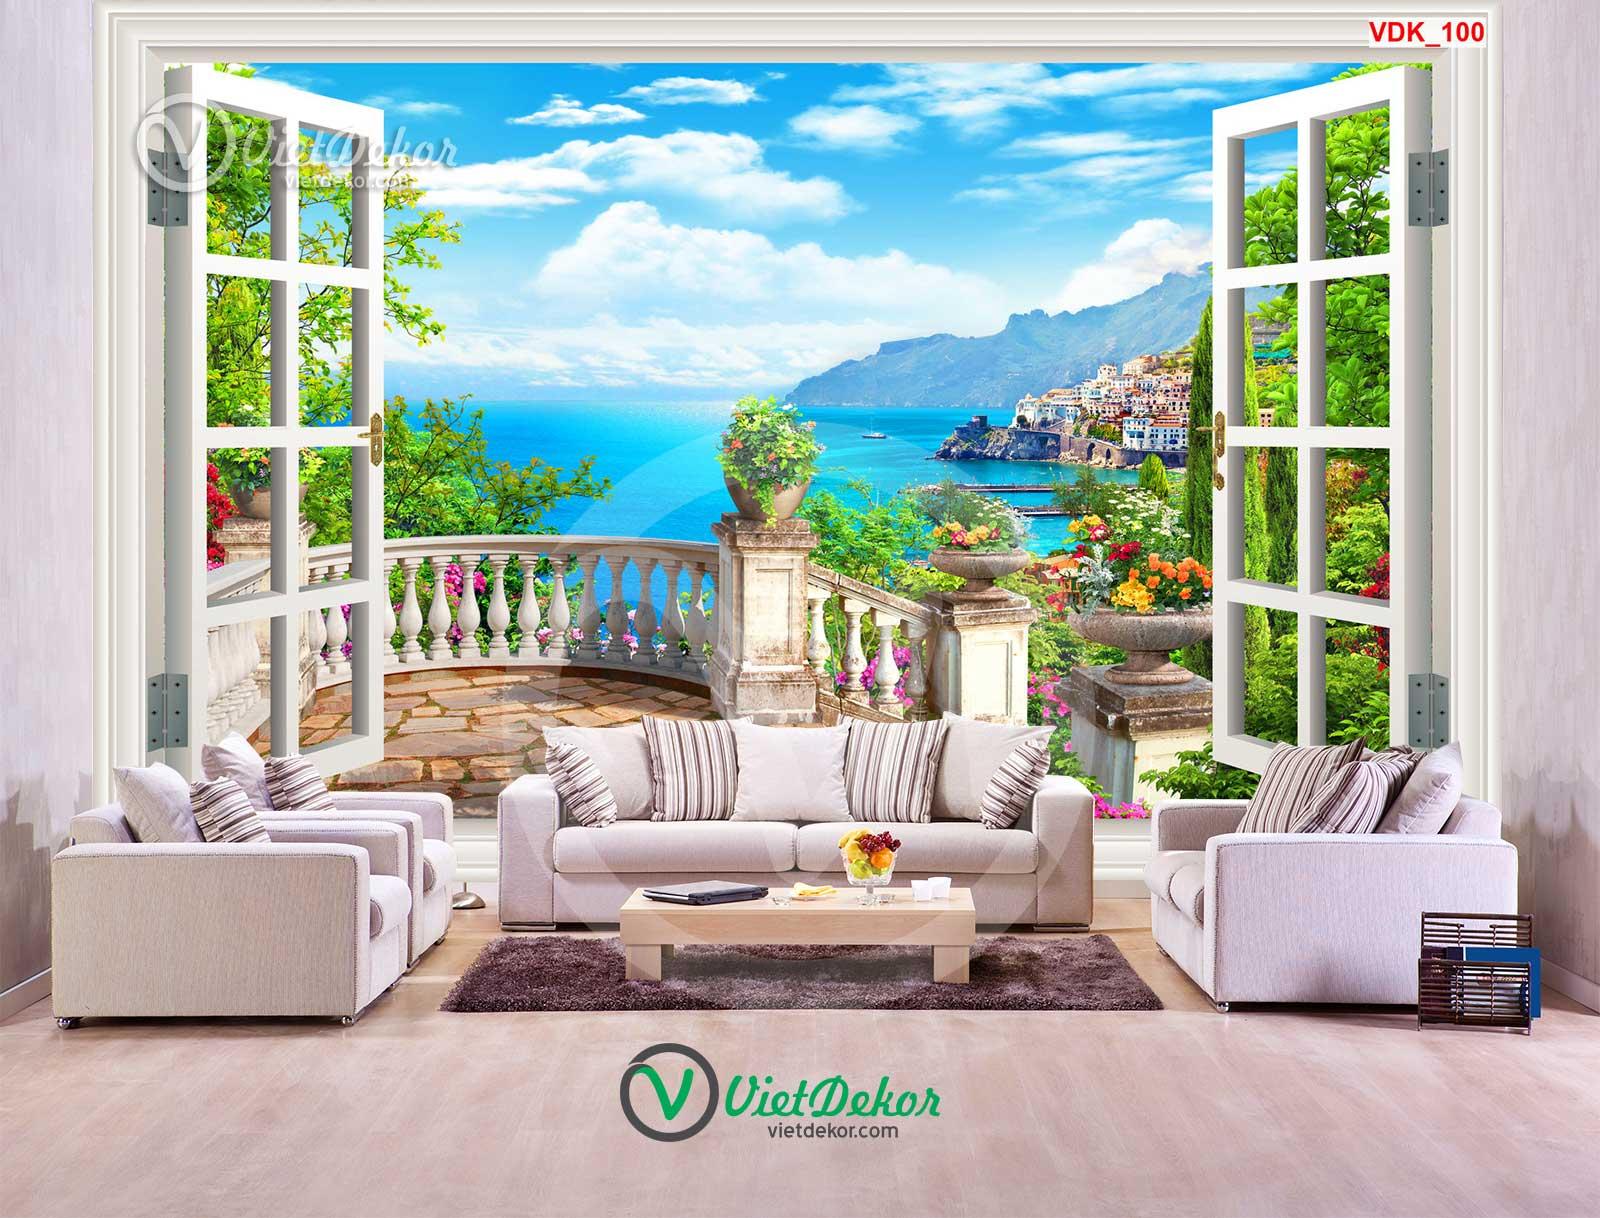 Tranh dán tường 3d cửa sổ phong cảnh biển